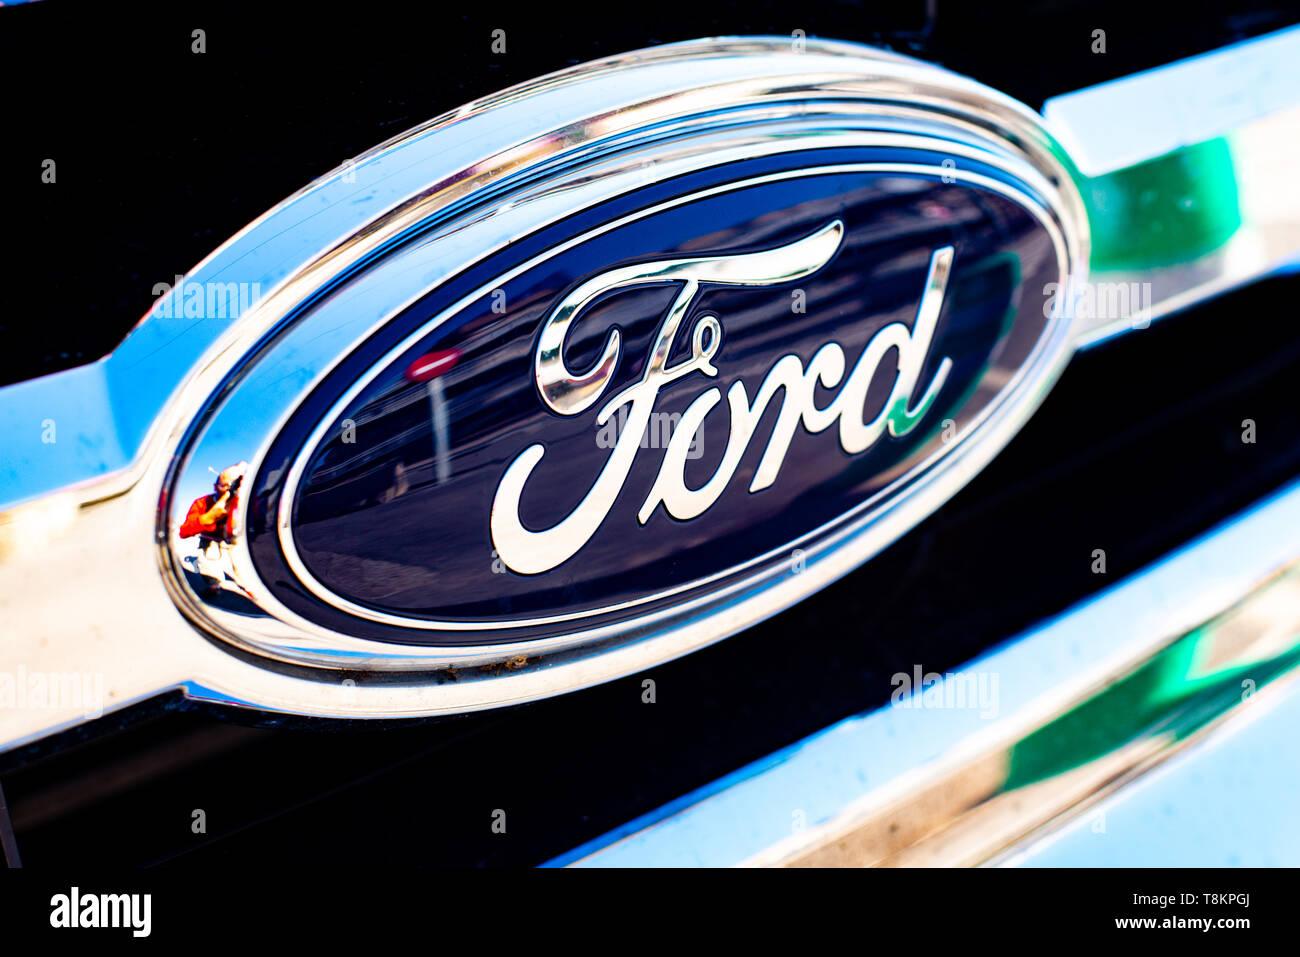 Valencia, Spanien - 13. Januar 2019: Logo der Automobilhersteller Ford in einem geparkten Fahrzeug. Stockbild